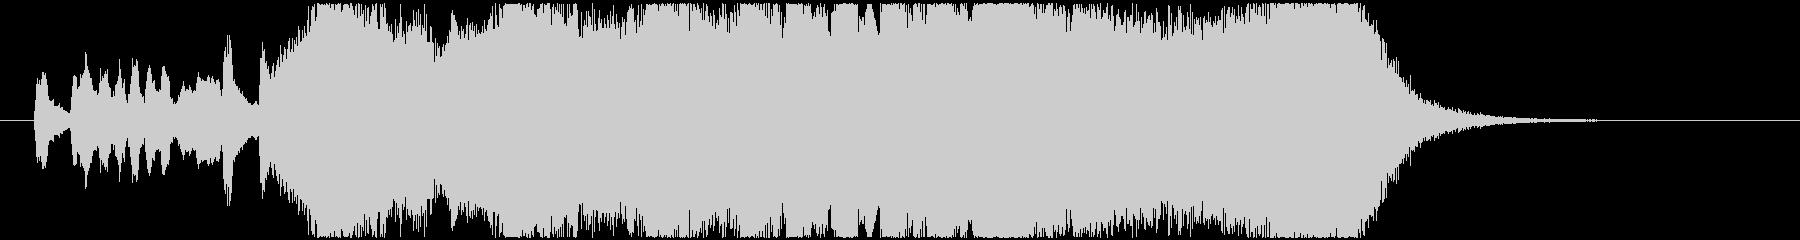 壮大な雰囲気のファンファーレの未再生の波形